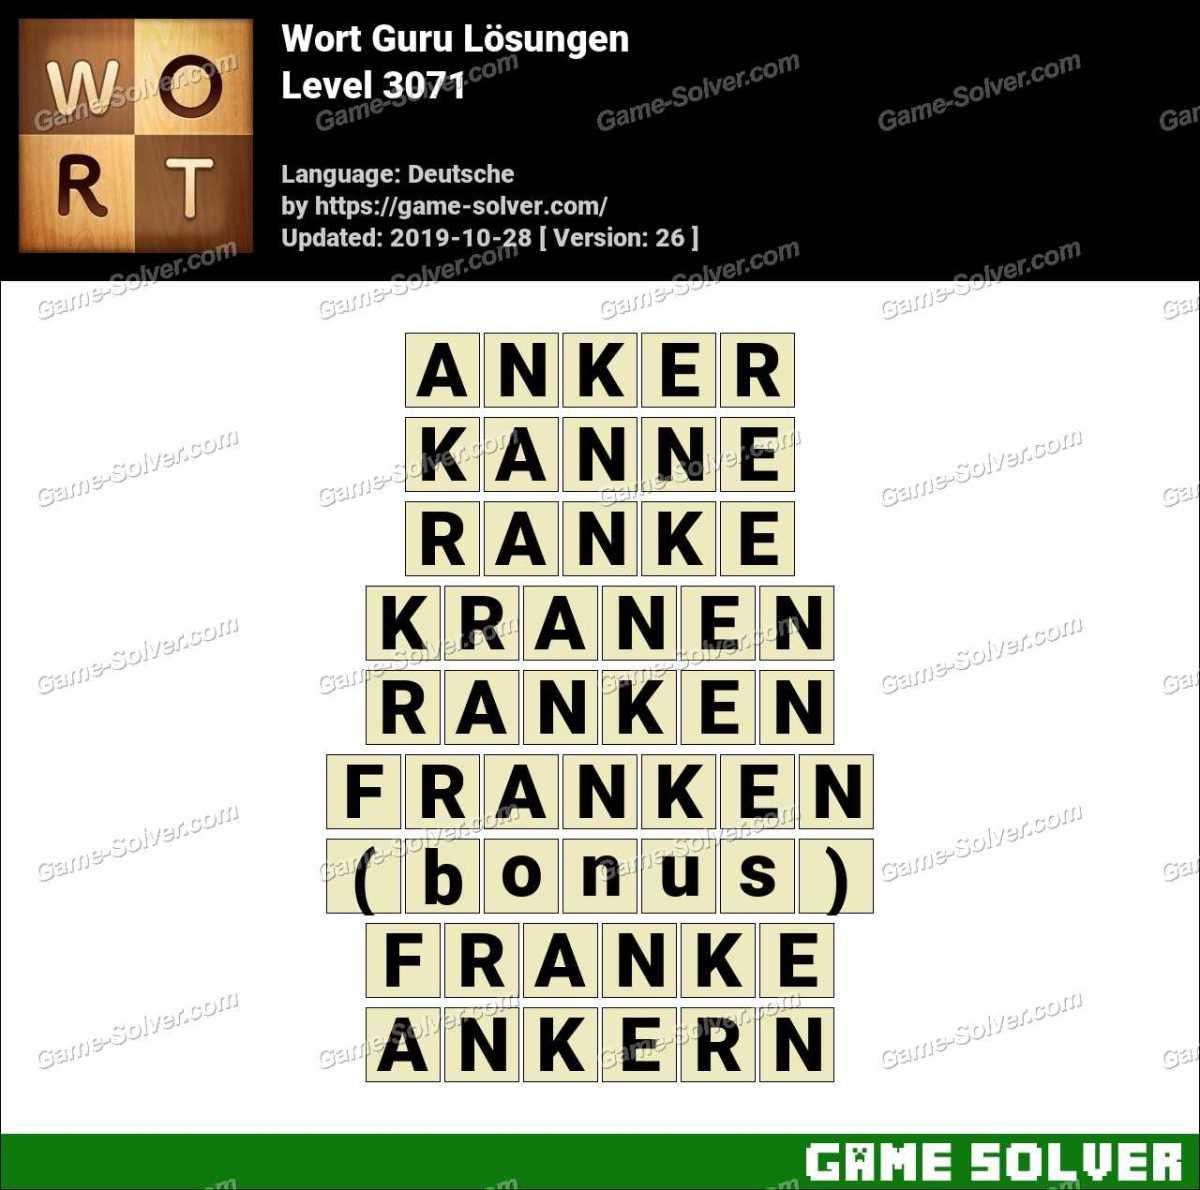 Wort Guru Level 3071 Lösungen